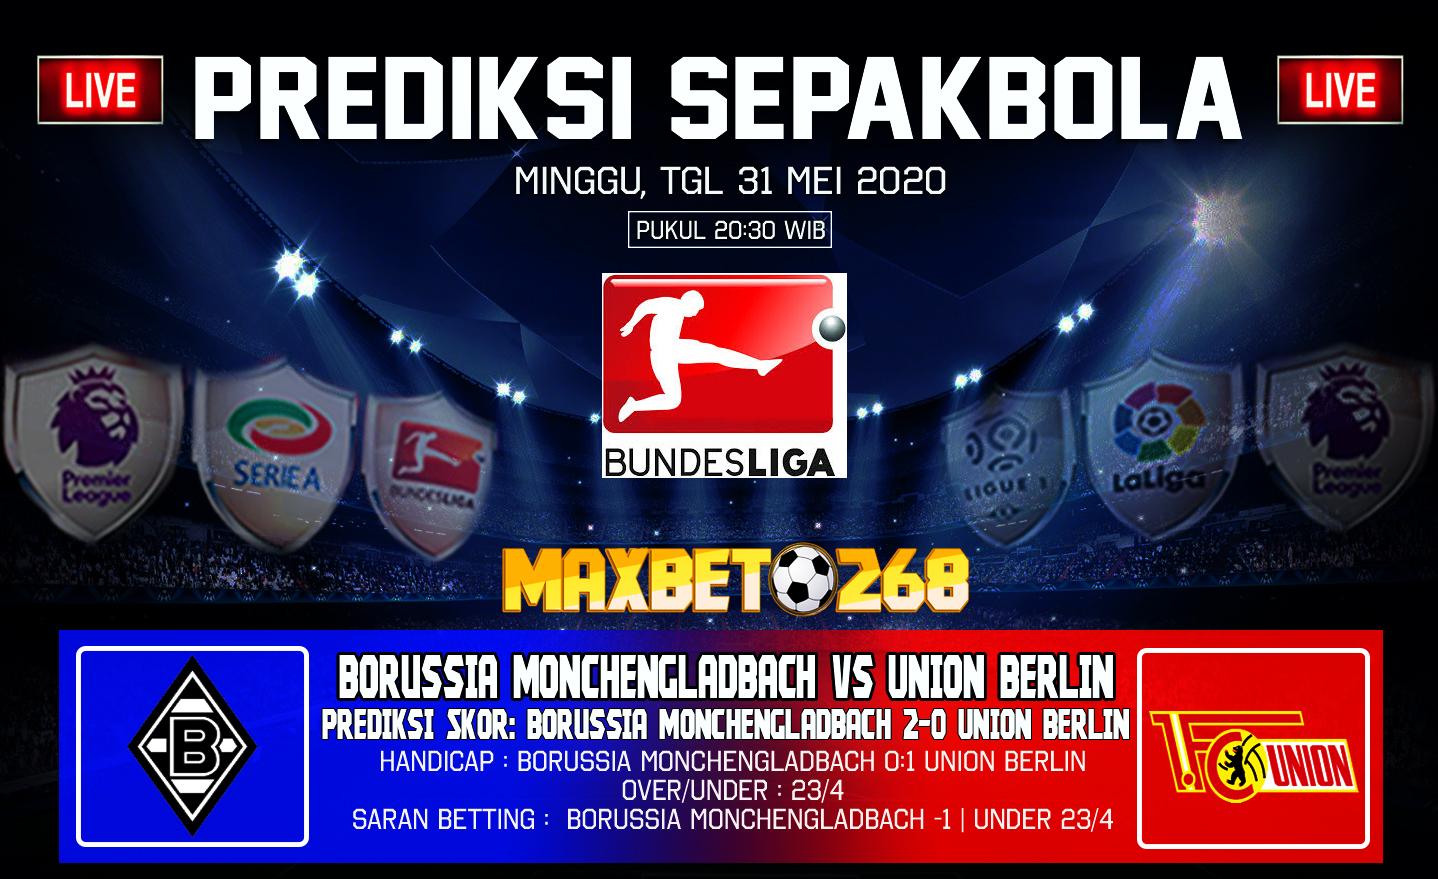 Prediksi Bola Borussia Monchengladbach Vs Union Berlin 31 Mei 2020 Pukul 20.30 WIB